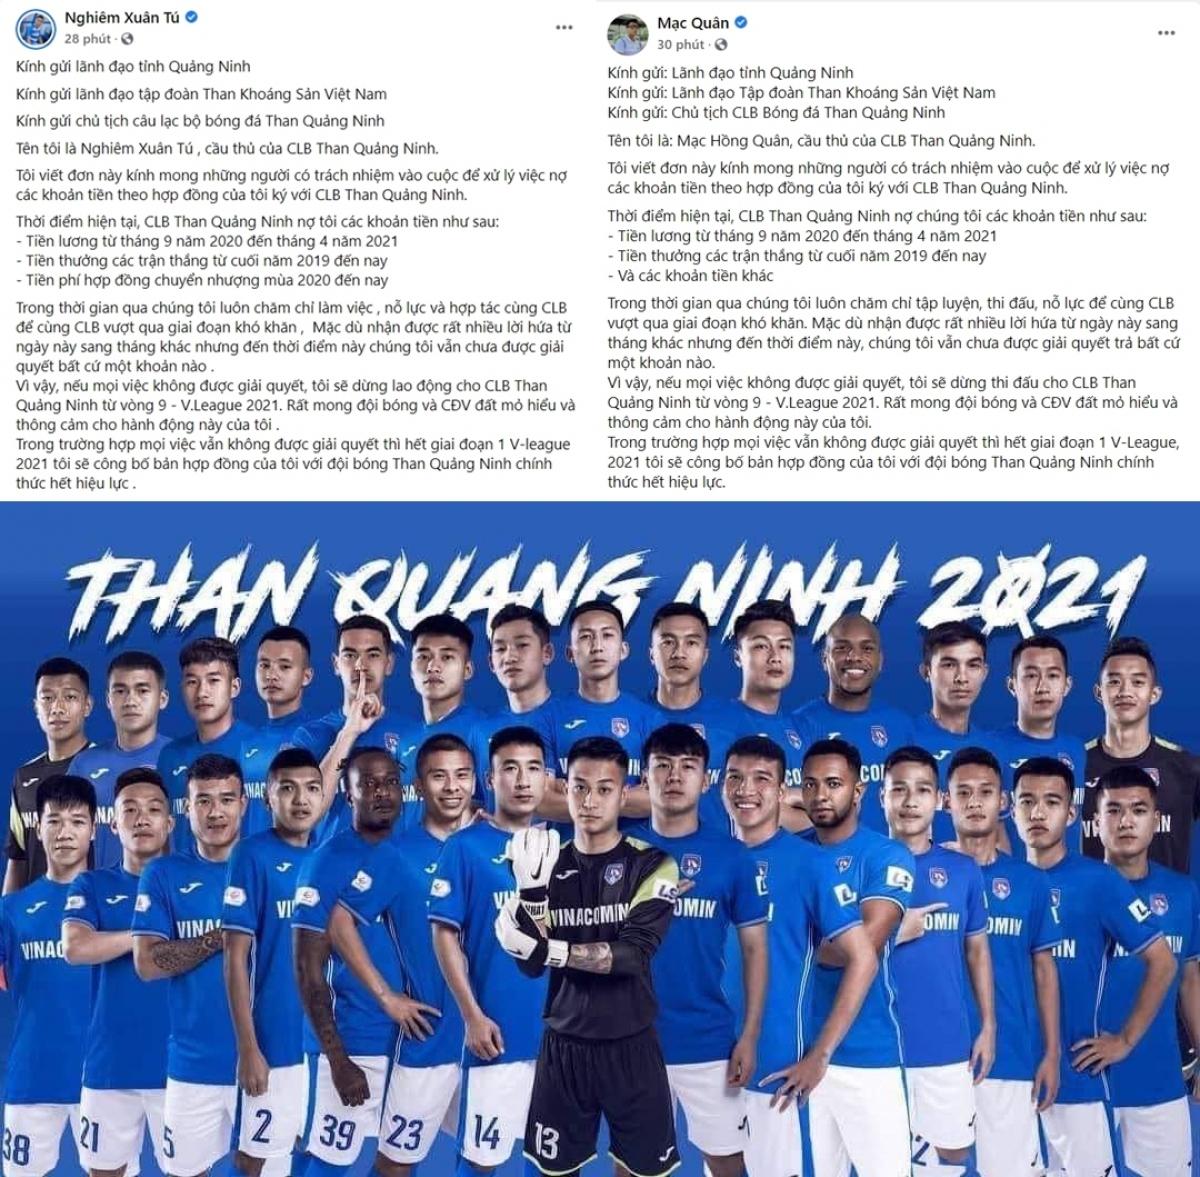 """Cầu thủ Than Quảng Ninh đồng loạt đăng tải """"tâm thư"""" trên trang cá nhân."""